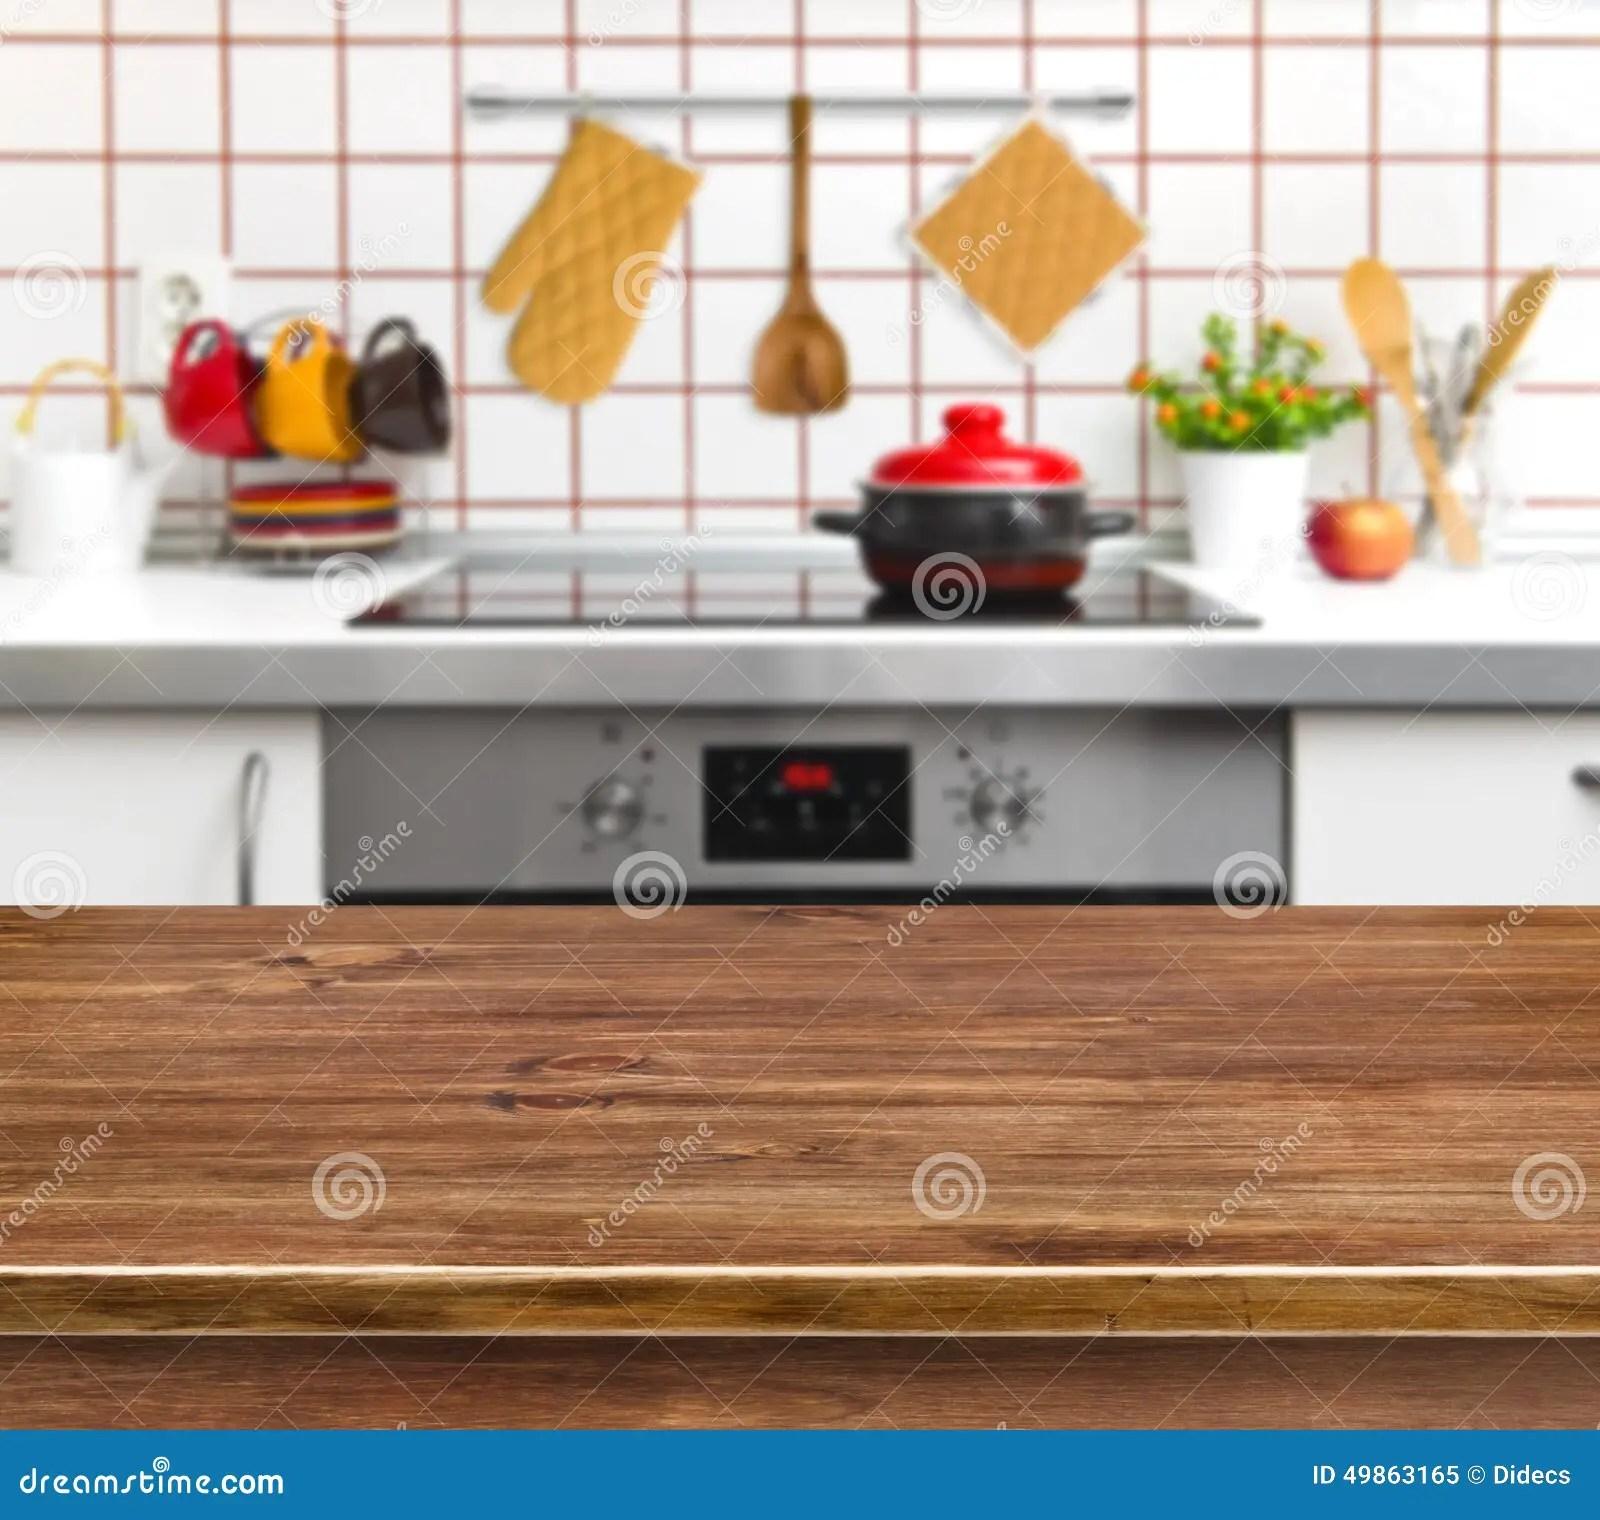 kitchen banquette aid pasta maker 在厨房长凳背景的木纹理桌库存图片 图片包括有橙色 制动手 厨房 果子 在厨房长凳背景的木纹理桌